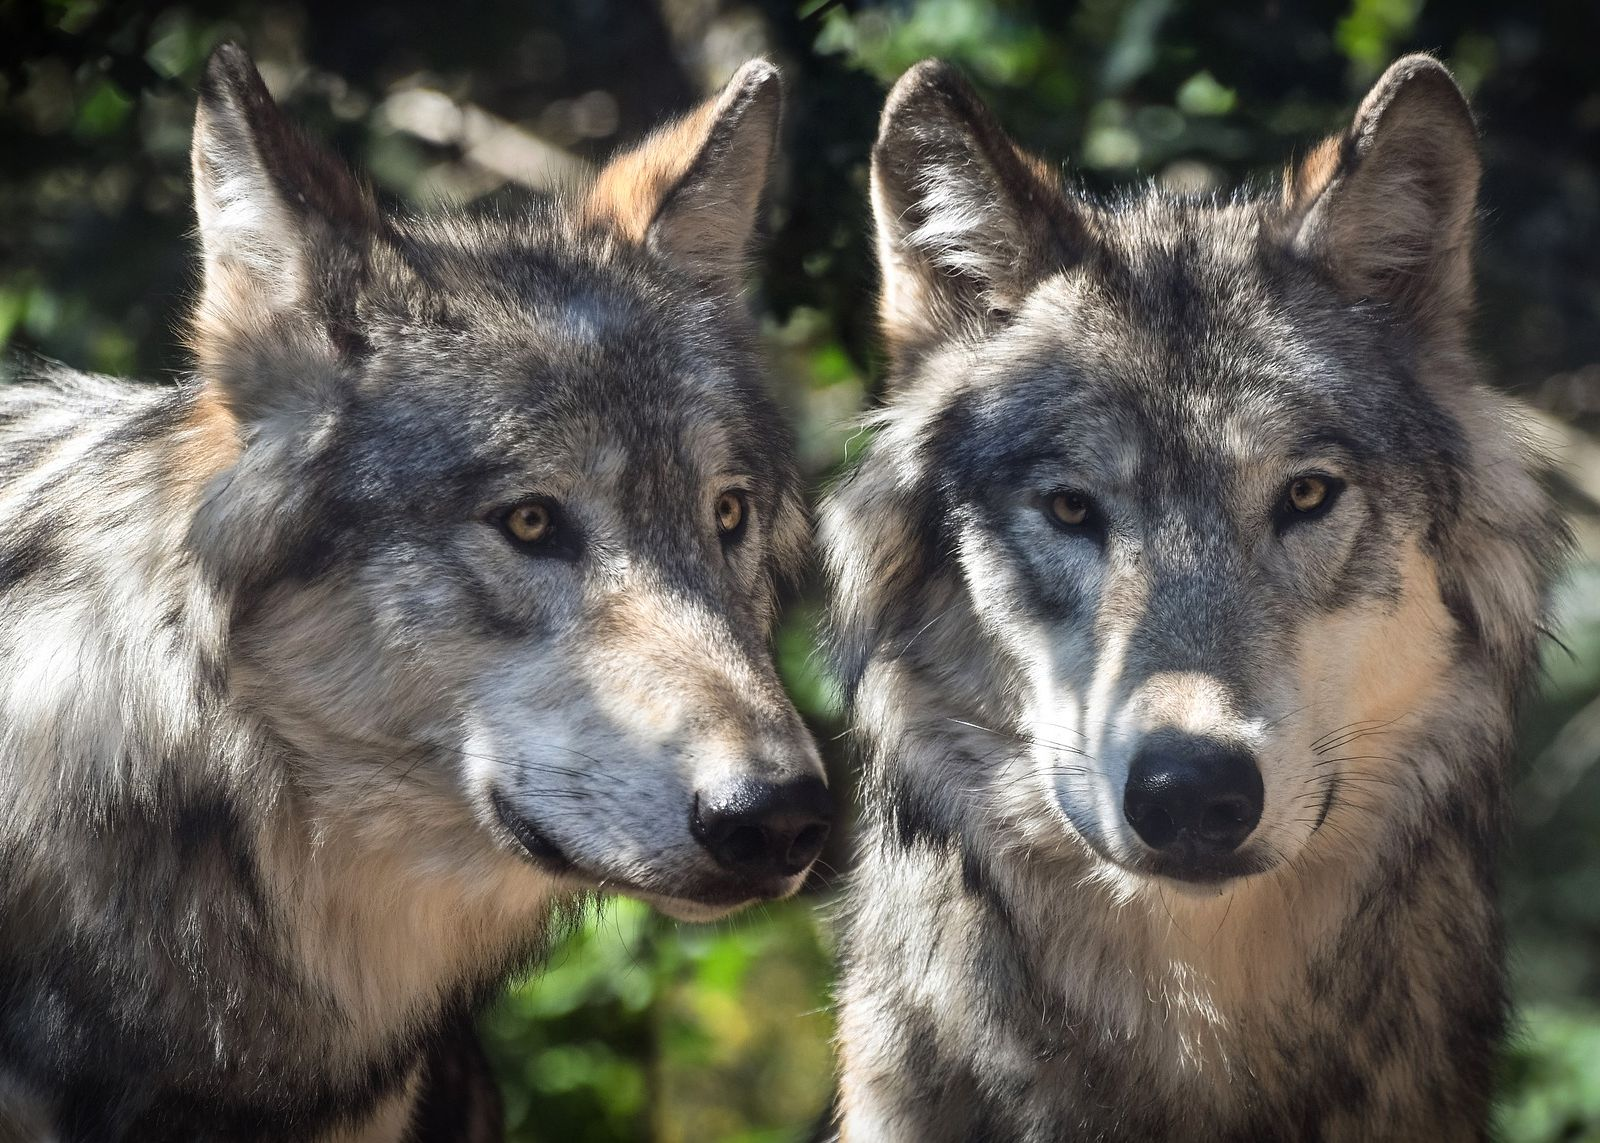 HUNTIDE KAITSEKS! Norra looduskaitsjad kutsuvad rahvusvahelist üldsust üles kaitsma Norra hunte